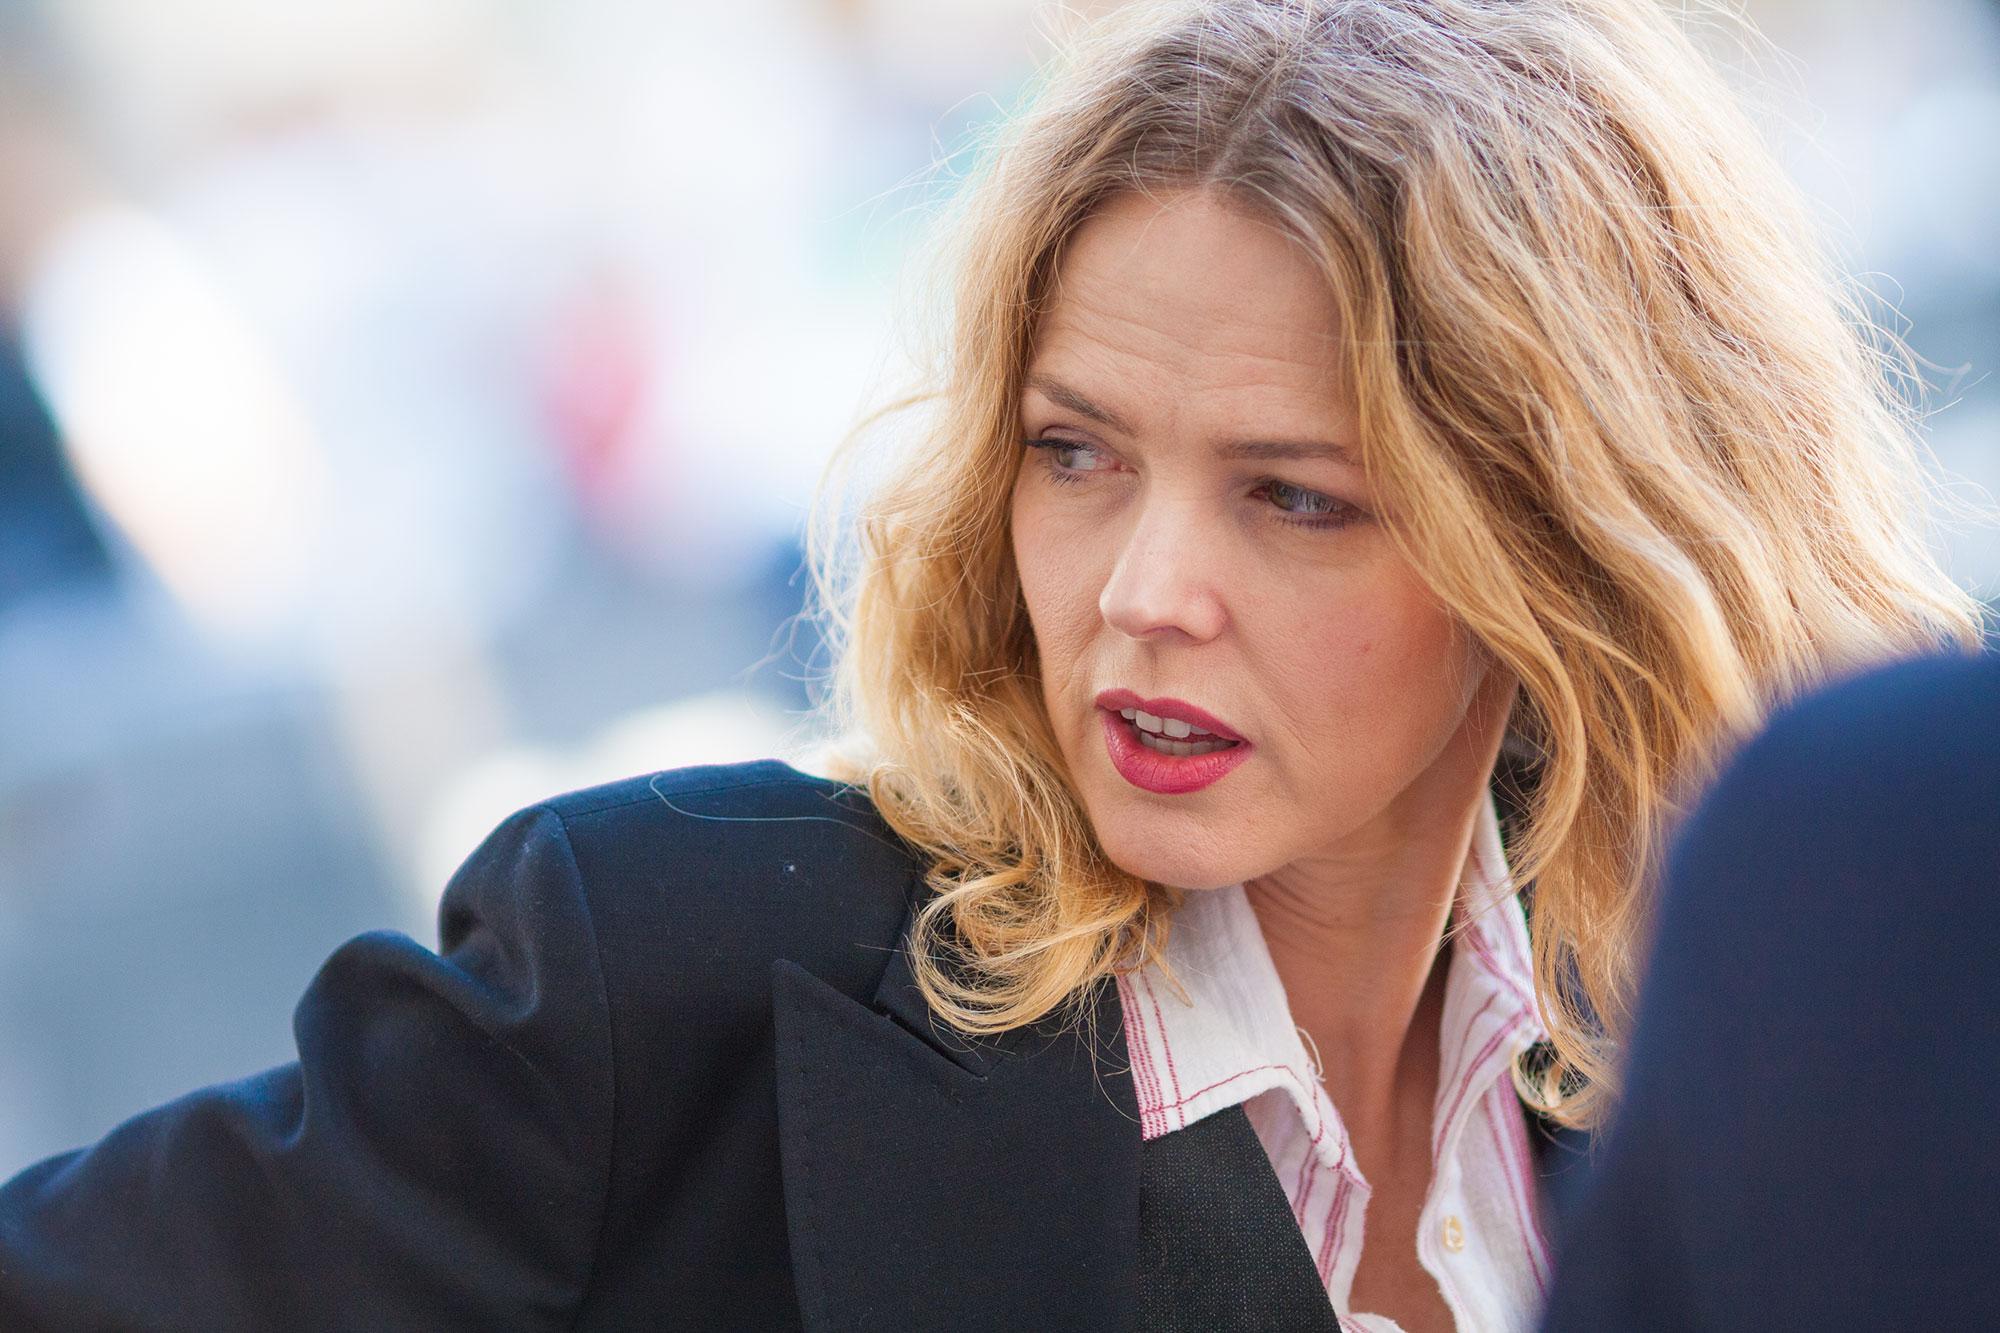 Christina Rosenvinge Cuando Los Políticos Se Corrompen Contaminan